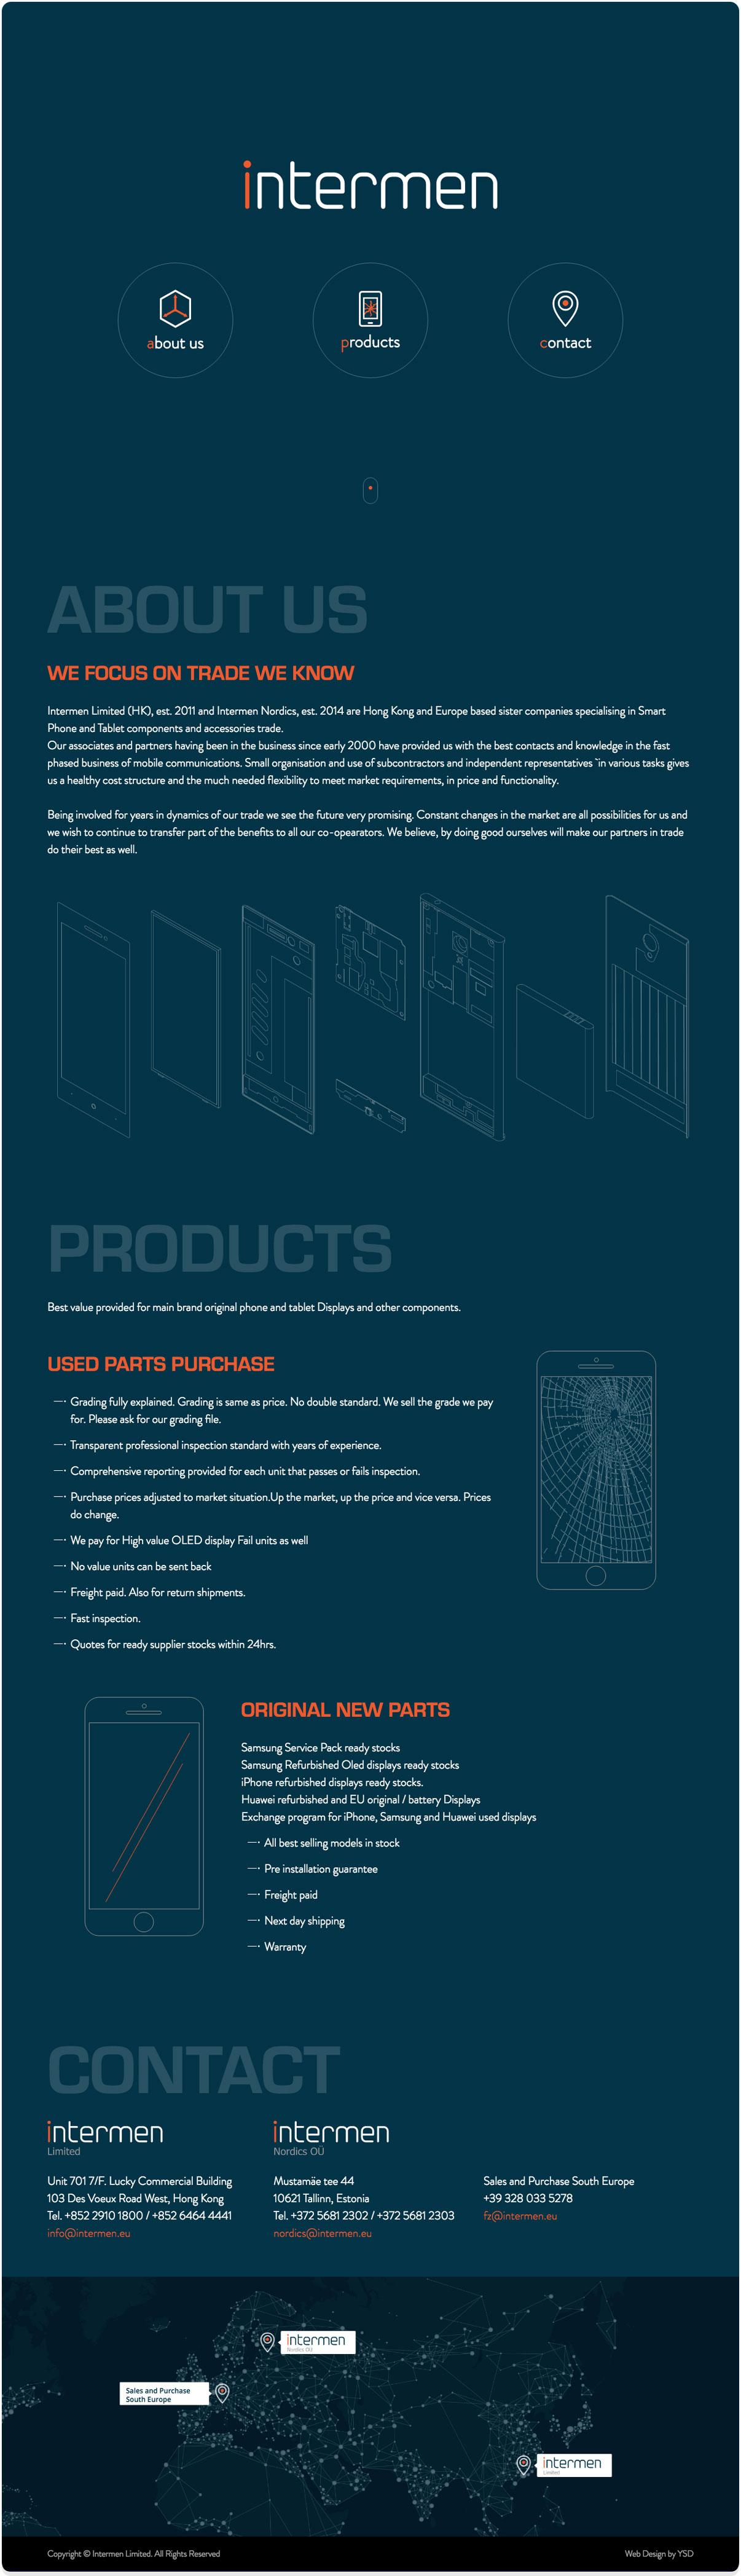 intermen-detailpage-3.jpg